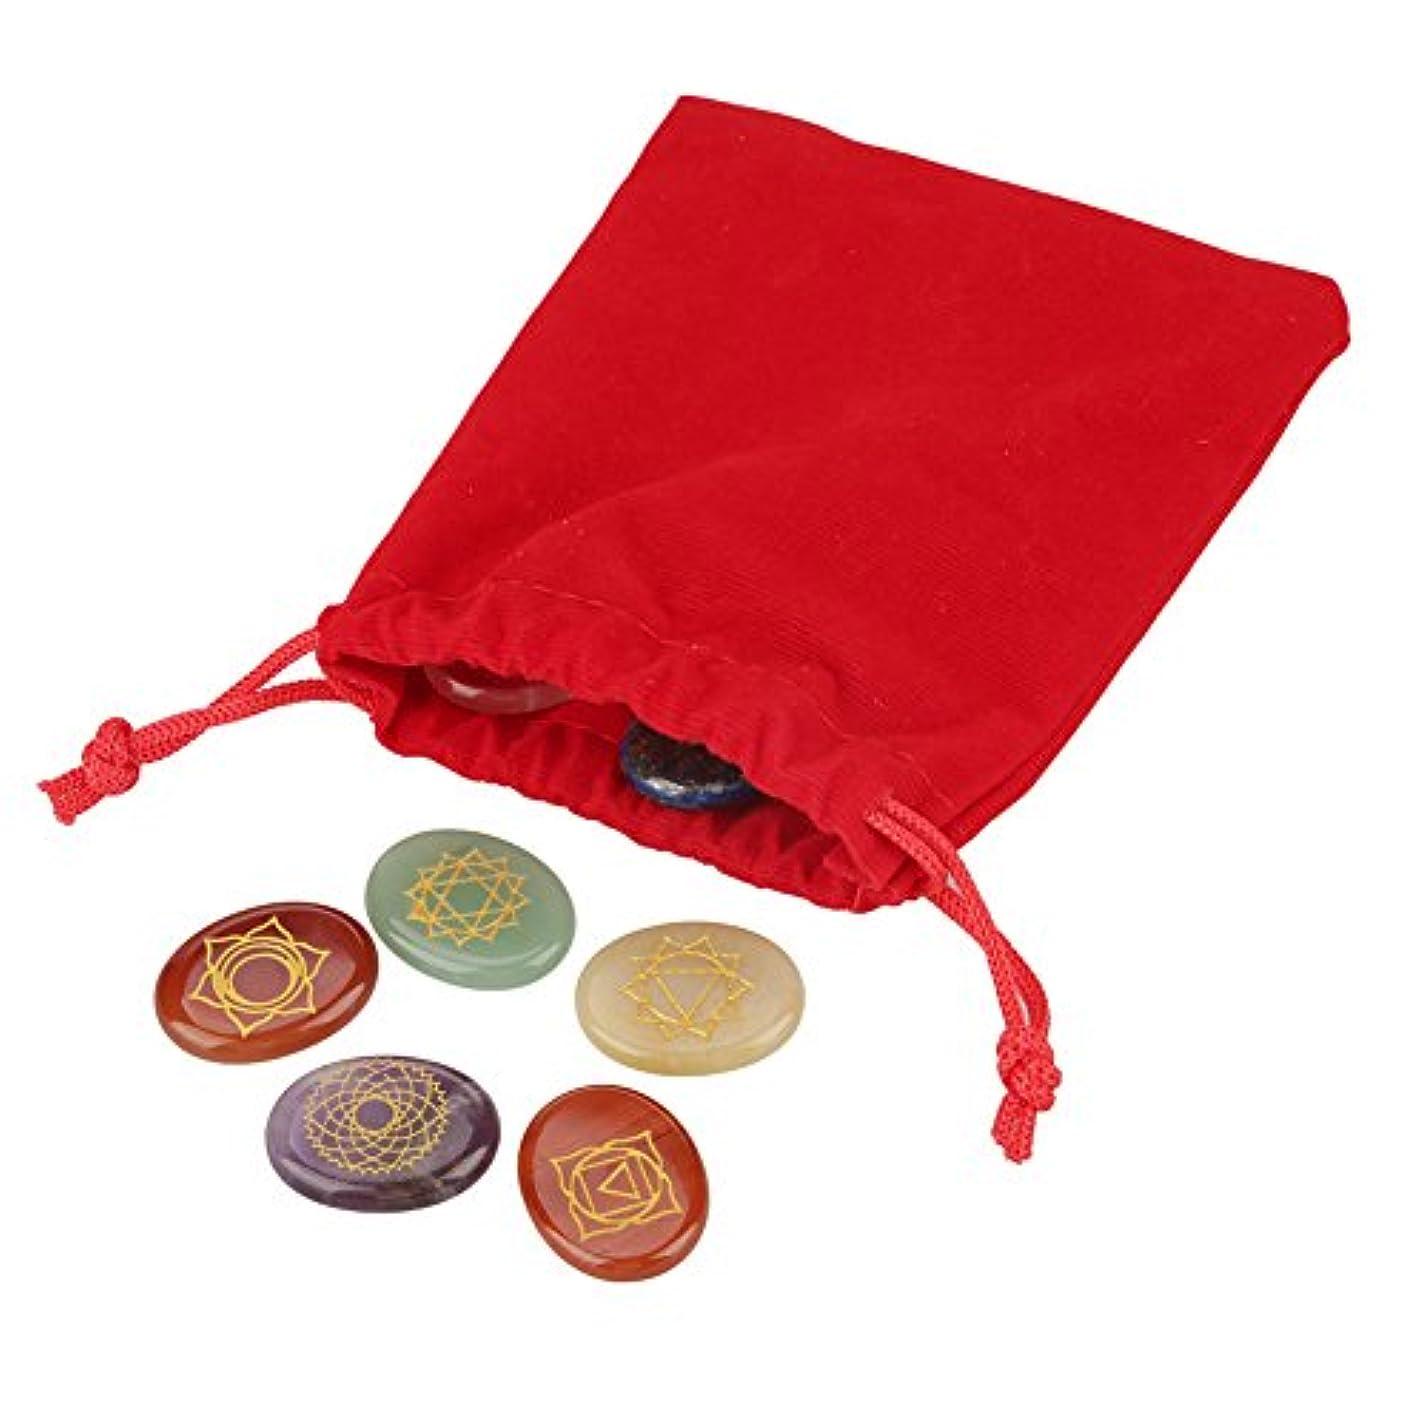 昇るフリルオーディション7個/セット刻印チャクラストーンとフランネルバッグ(黒または赤)、刻印スピリチュアルヒーリング瞑想パームストーンレイキチャクラクリスタル